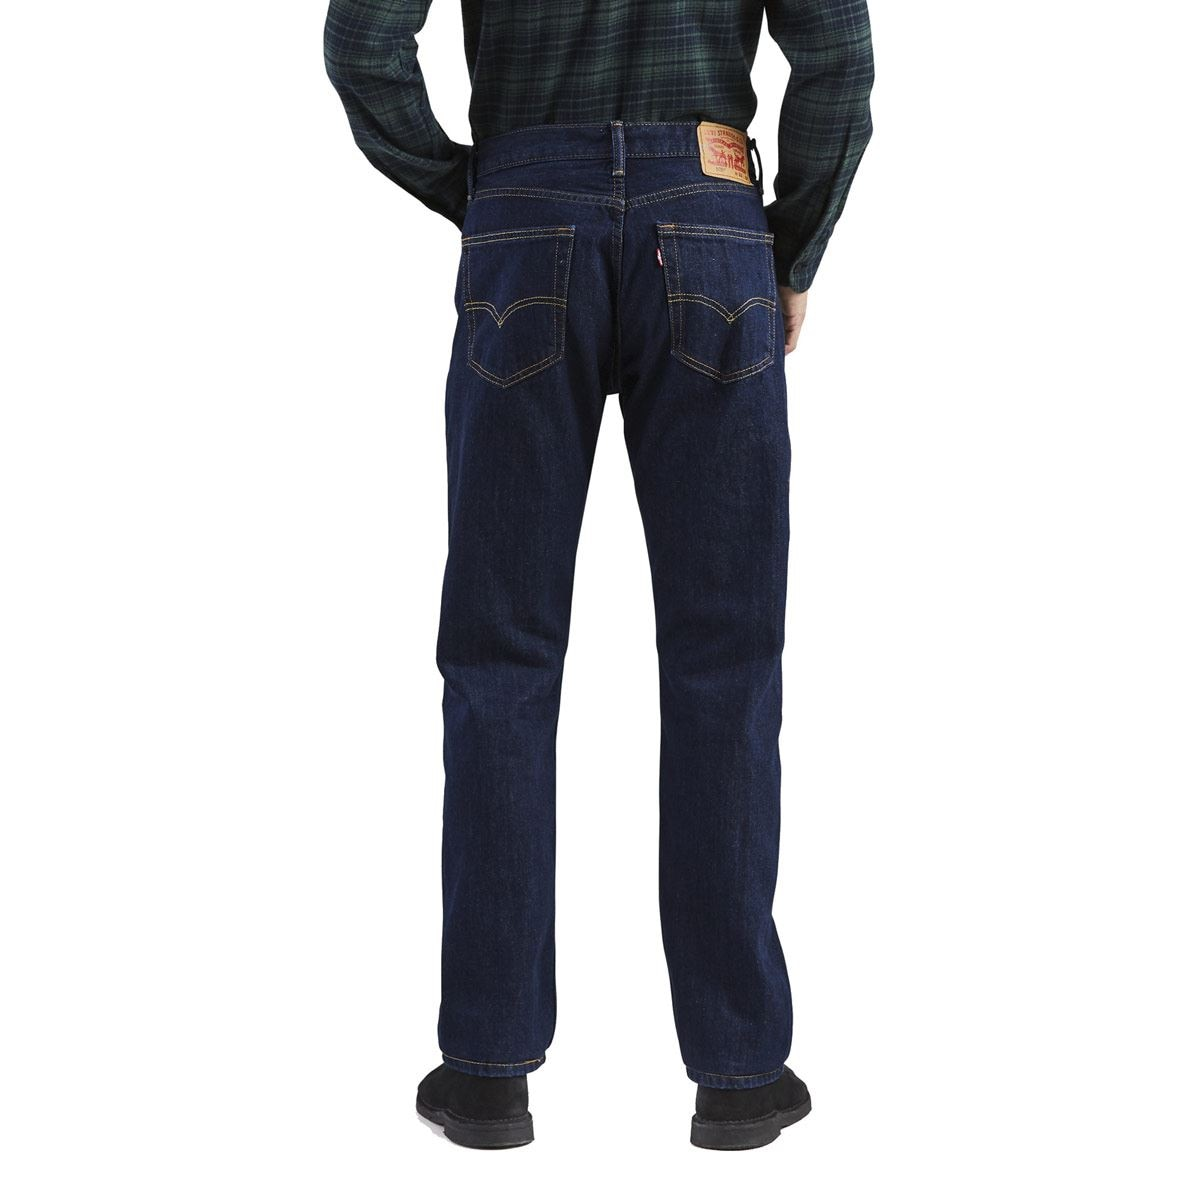 Jeans Levi's 505 Regular Fit Jeans 33x32